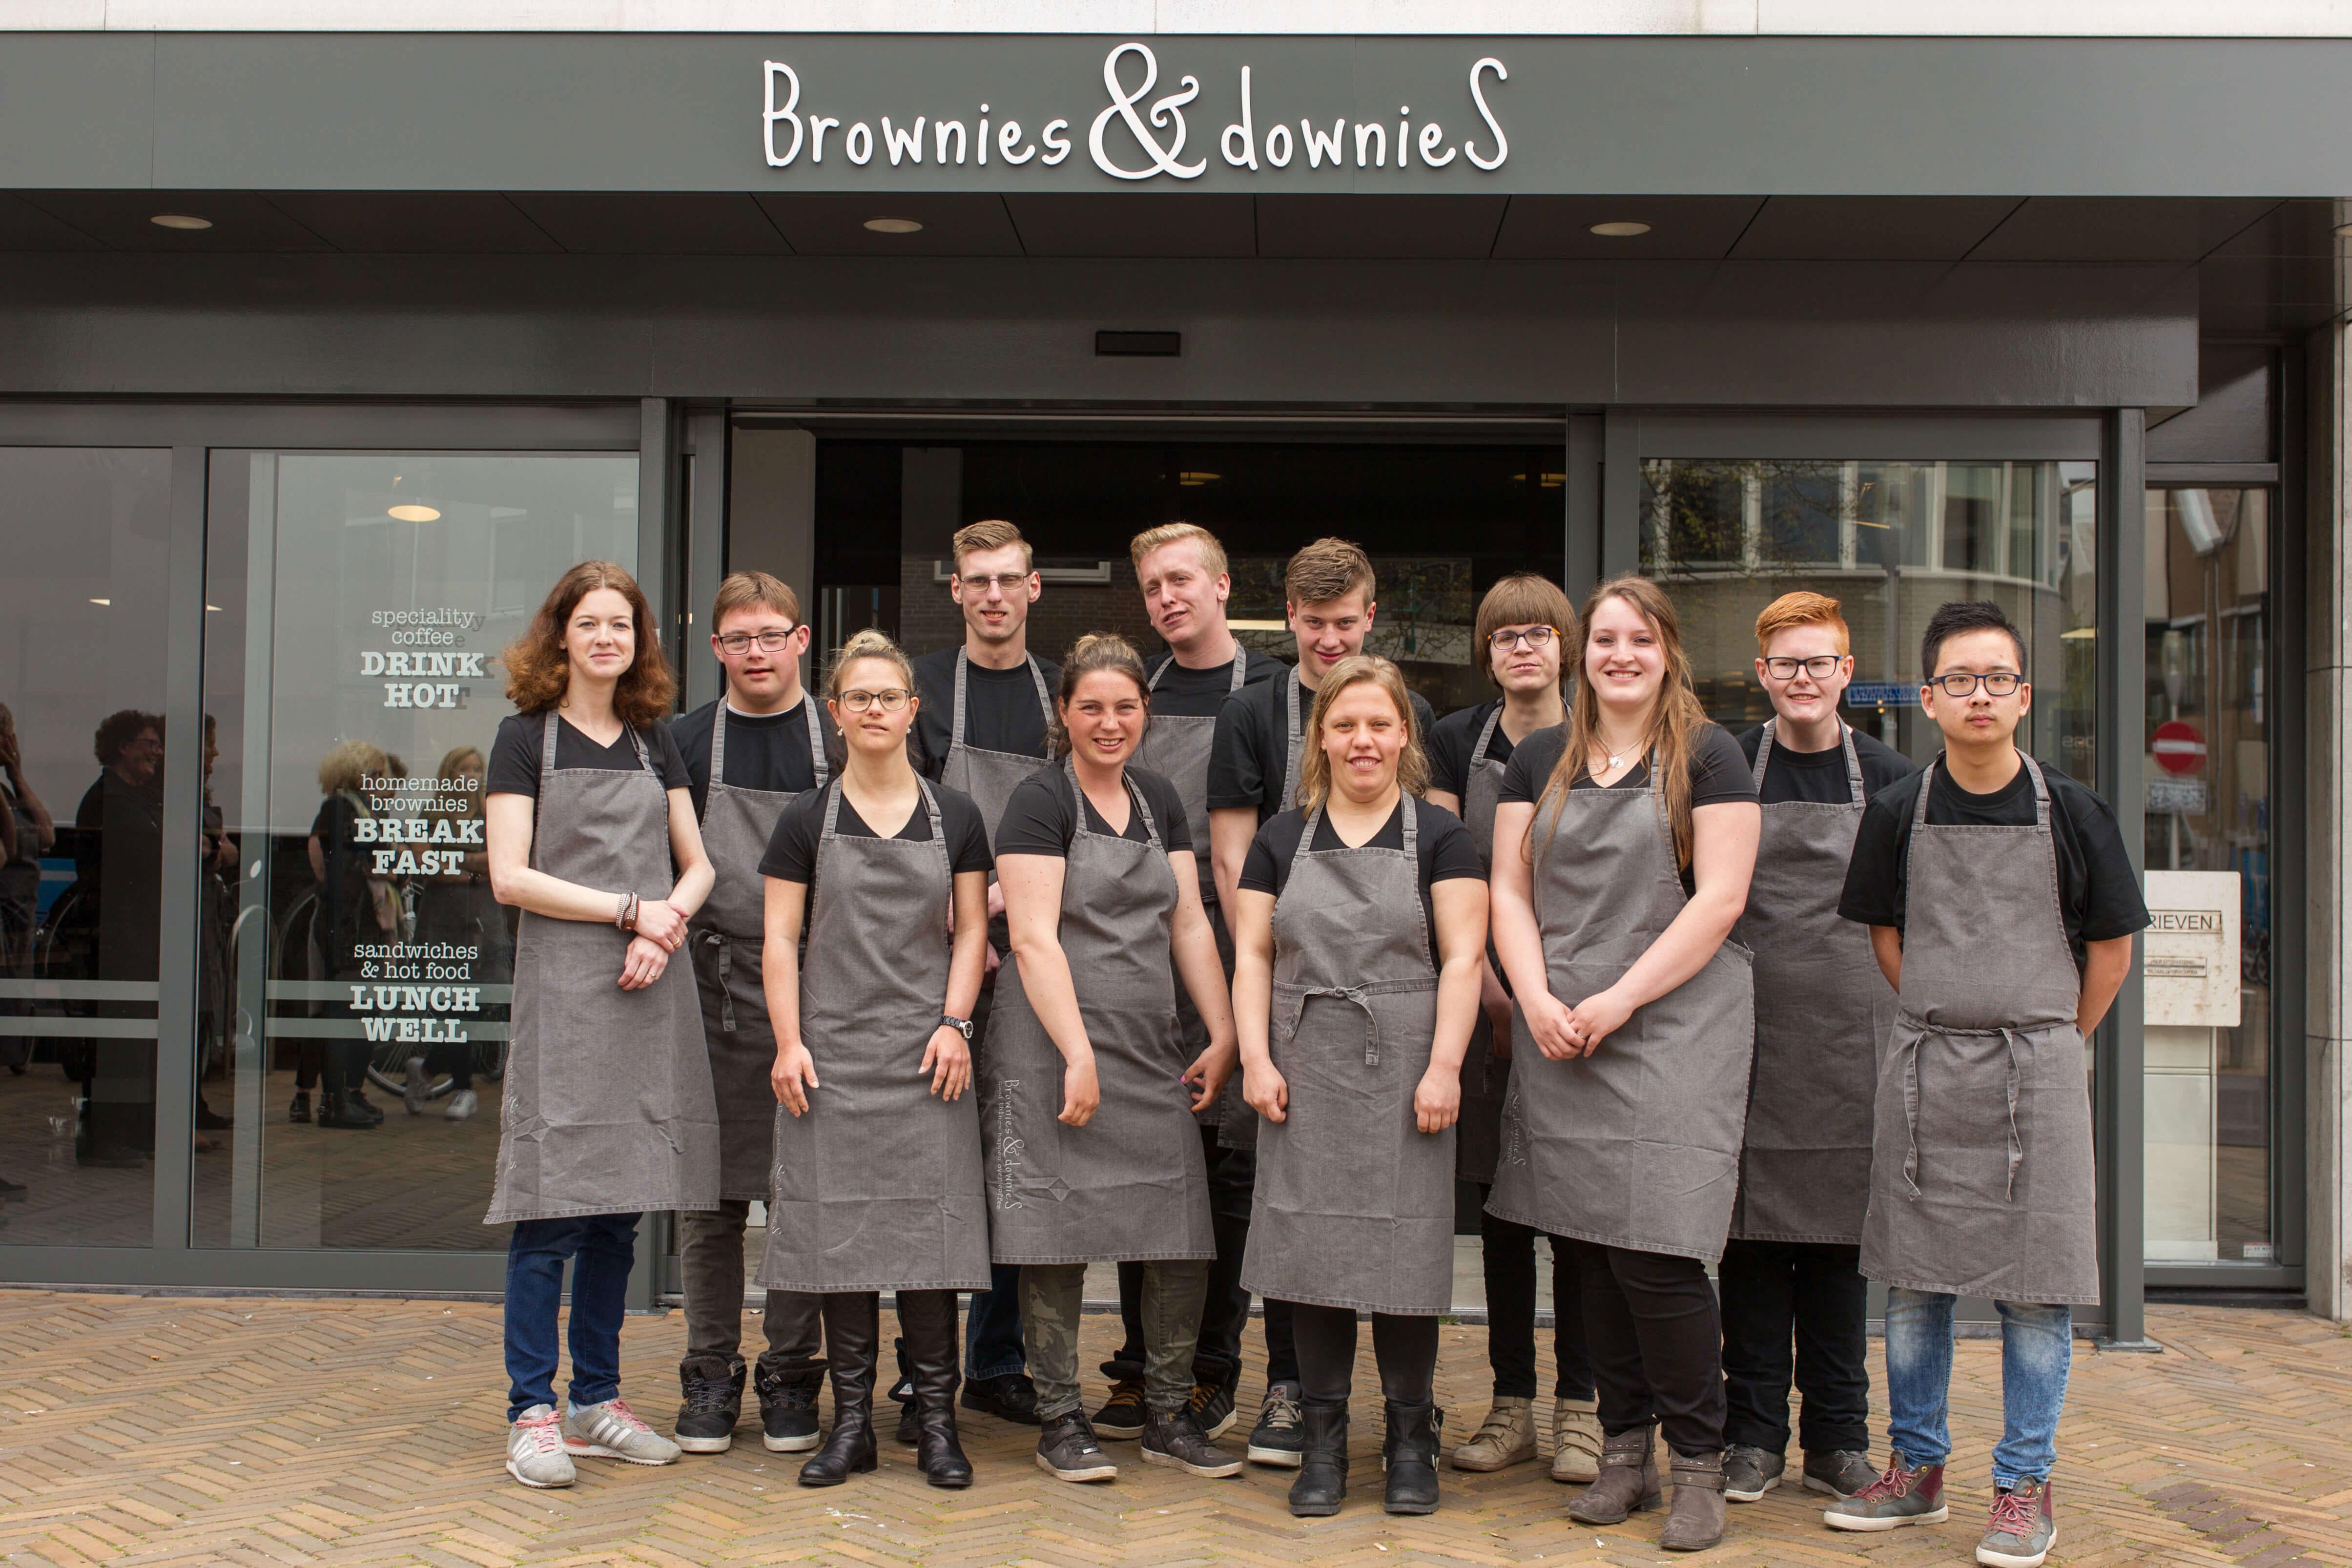 Brownies&downieS Katwijk